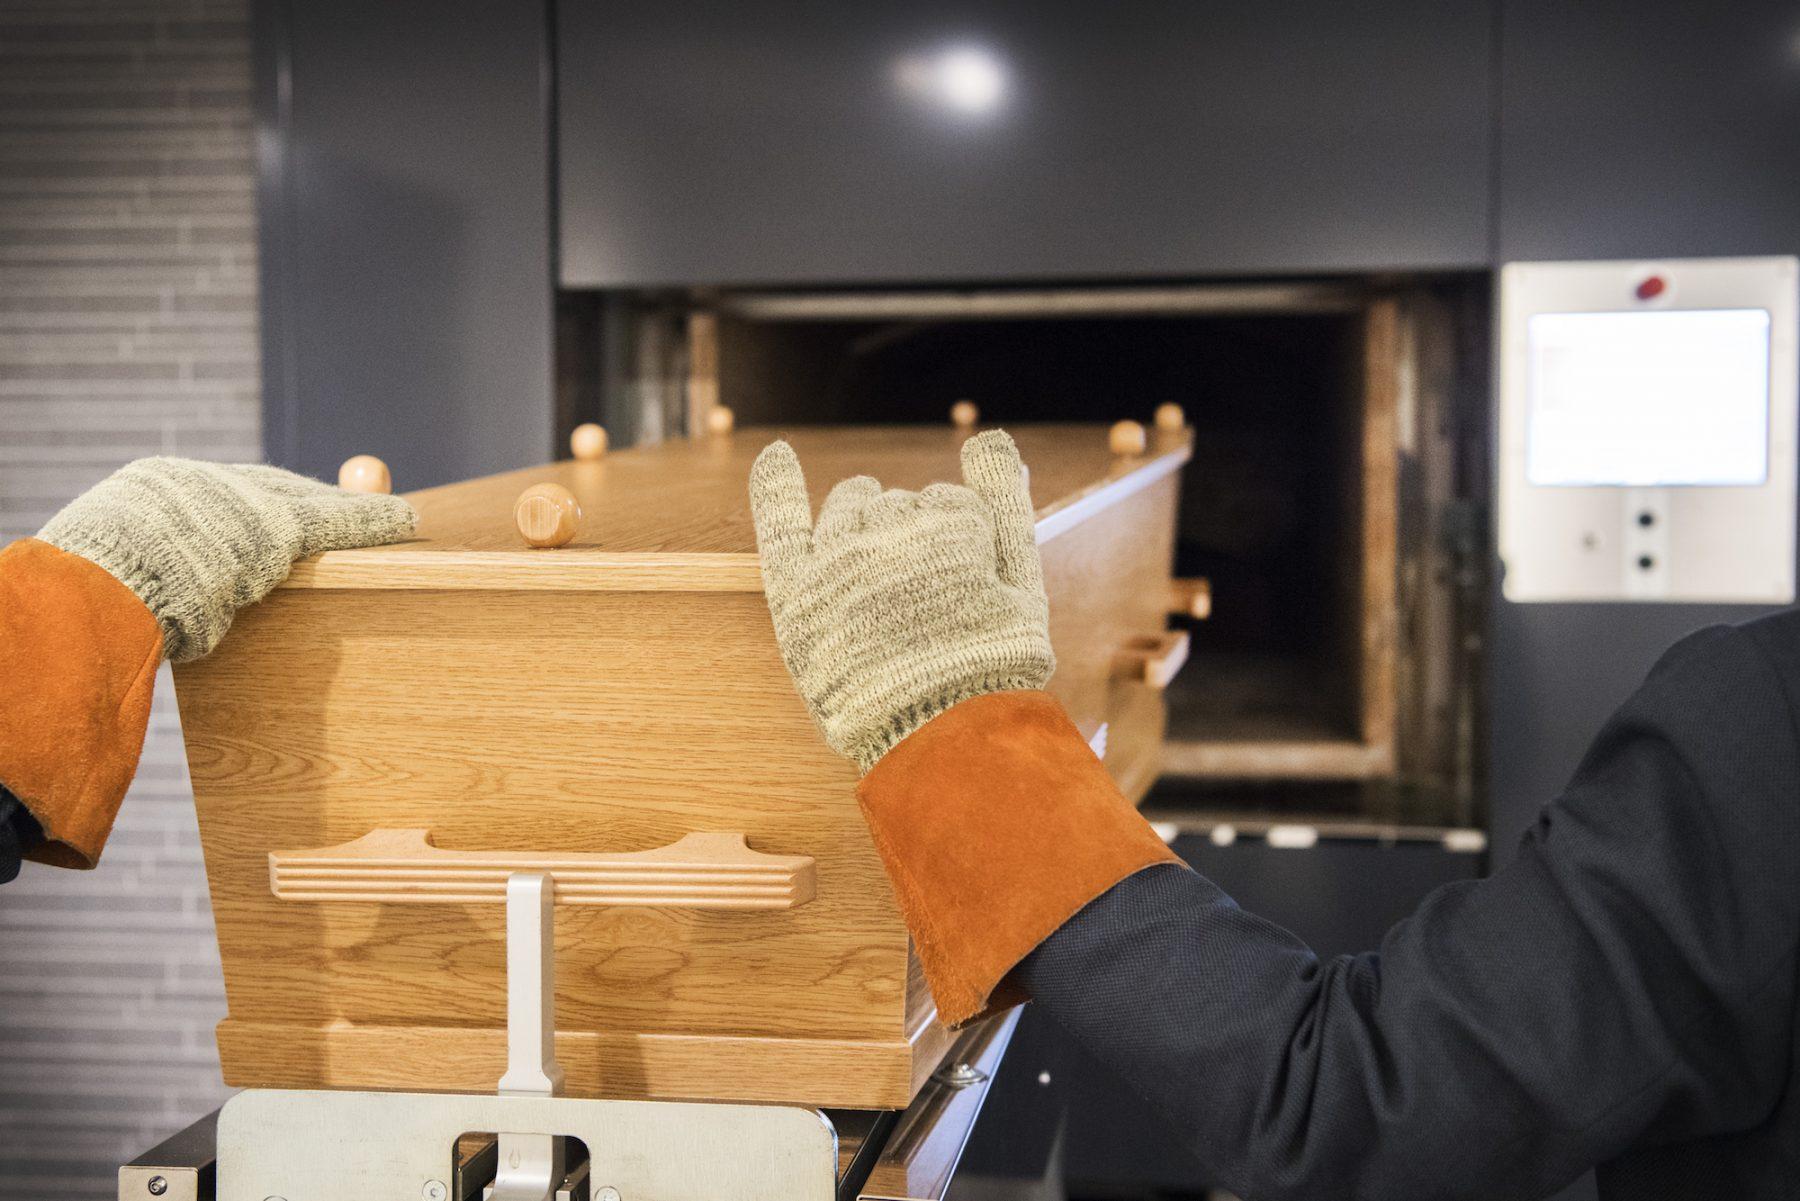 Minister wil naast begraven en cremeren ook oplossen van het lichaam mogelijk maken